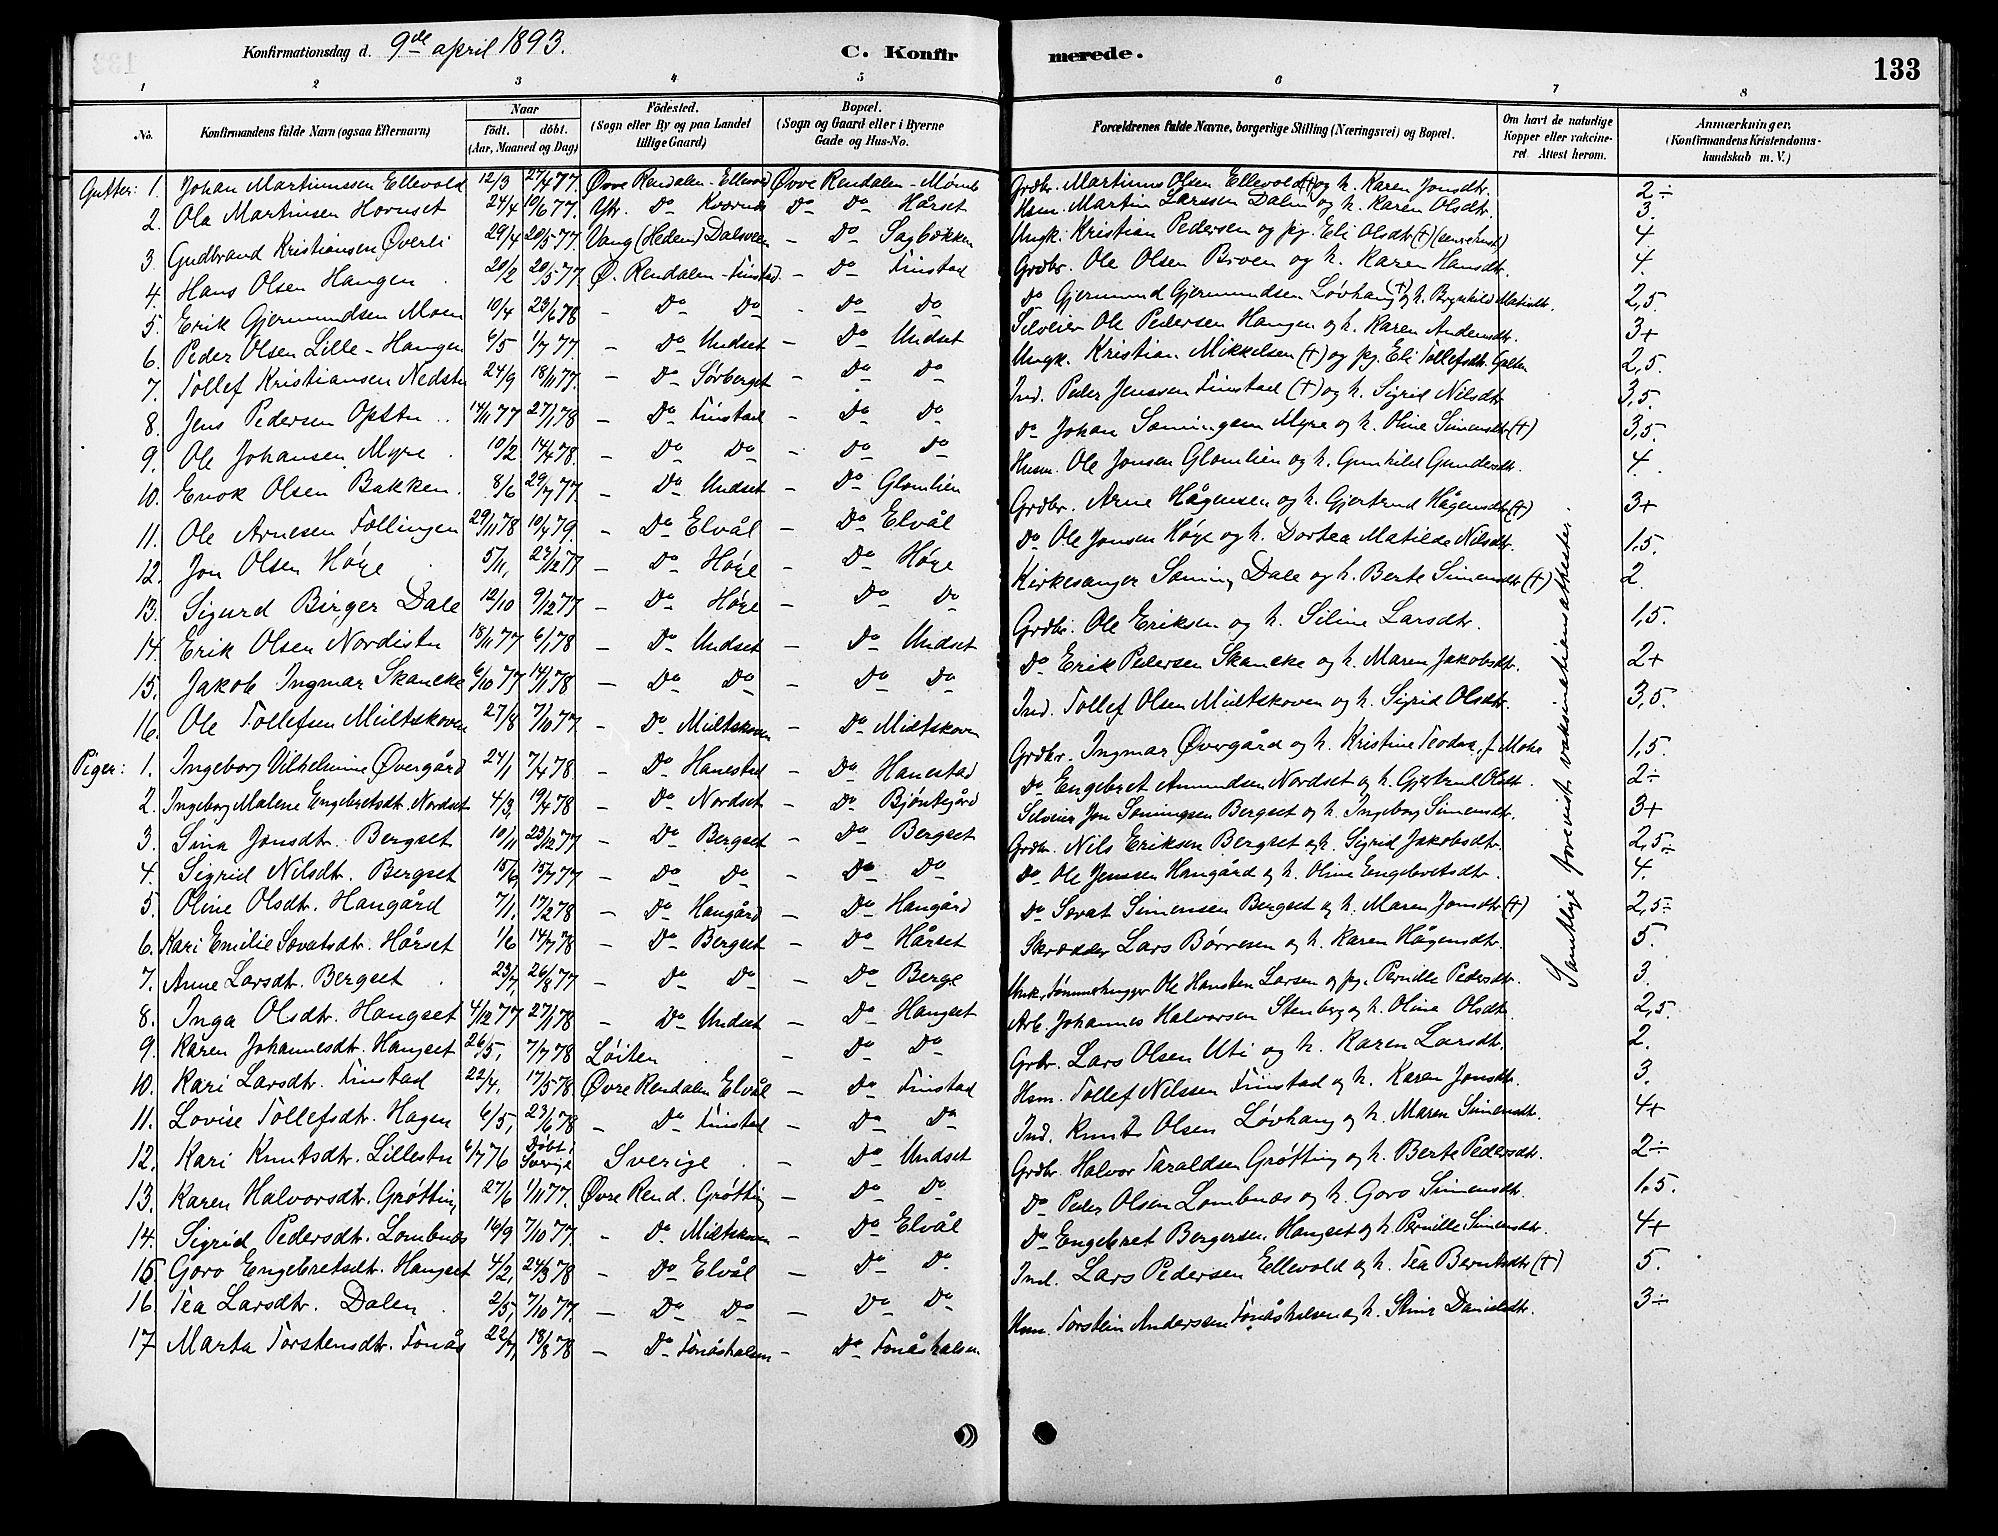 SAH, Rendalen prestekontor, H/Ha/Hab/L0003: Klokkerbok nr. 3, 1879-1904, s. 133